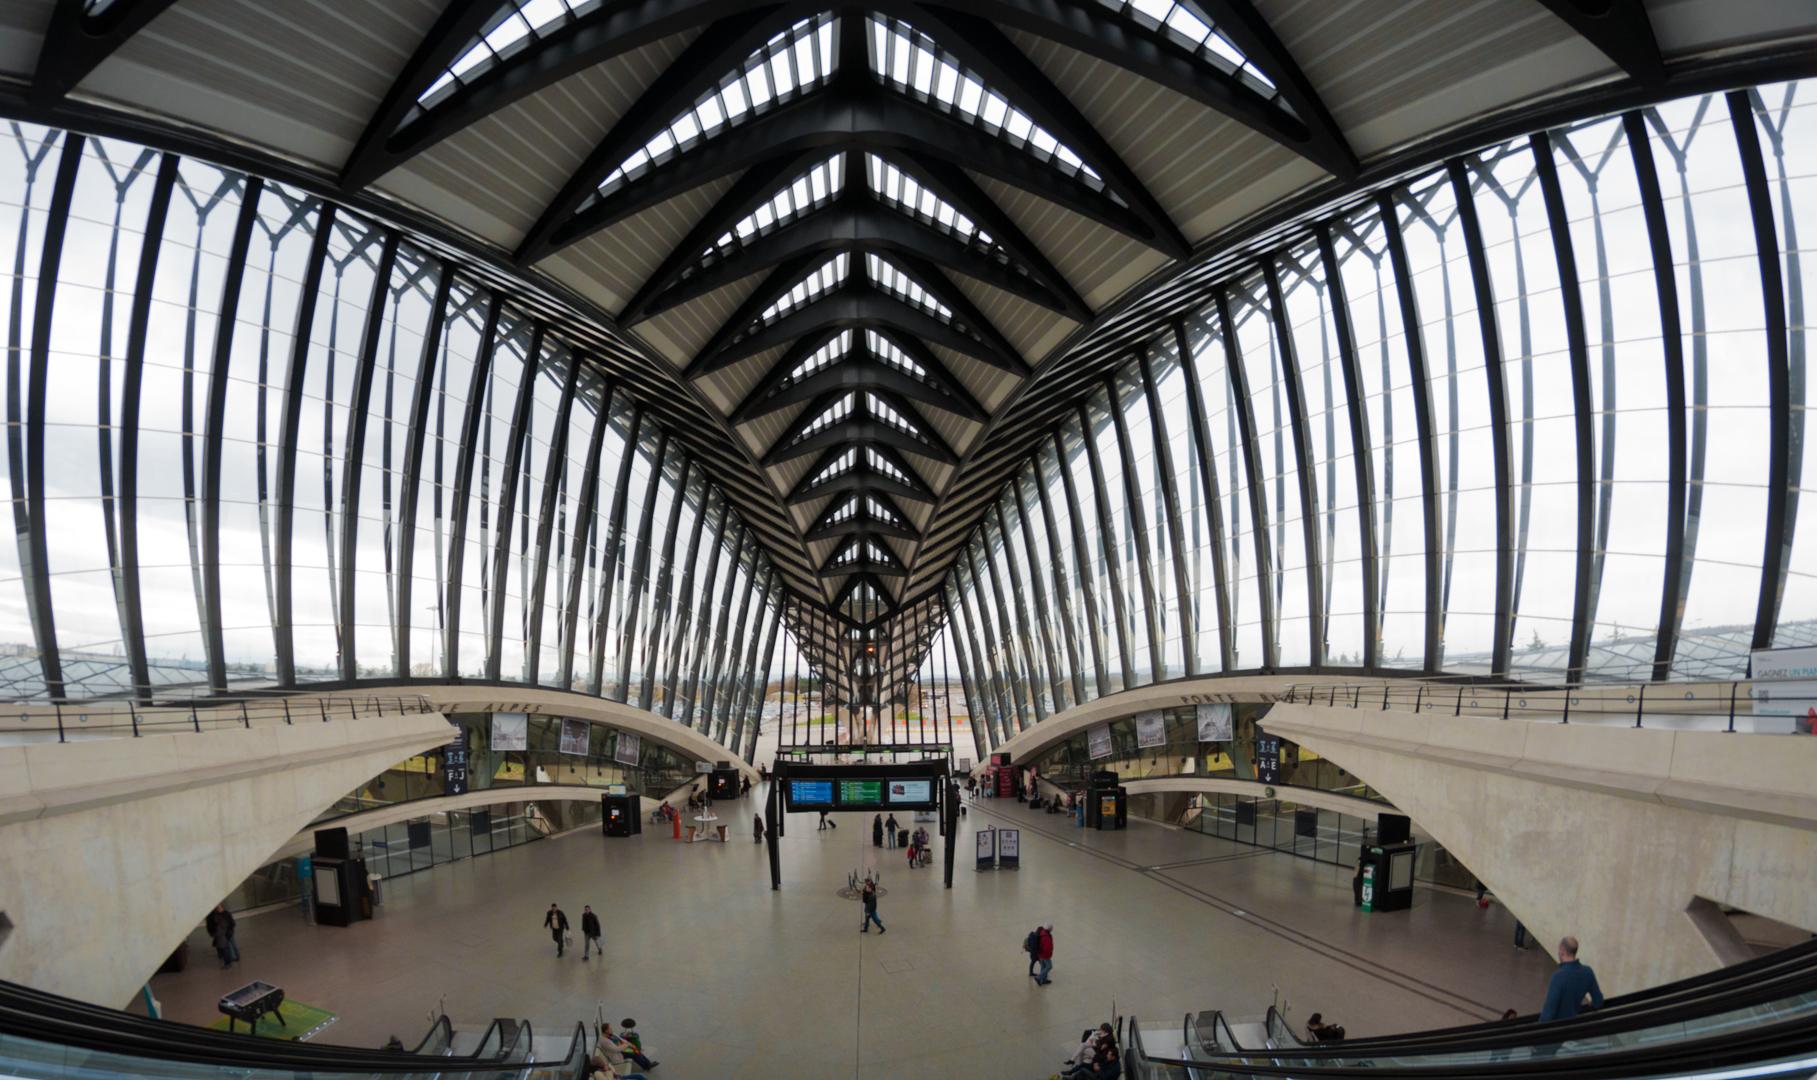 Lyon Airport's interior designed by Spanish designer Santiago Calatrava.